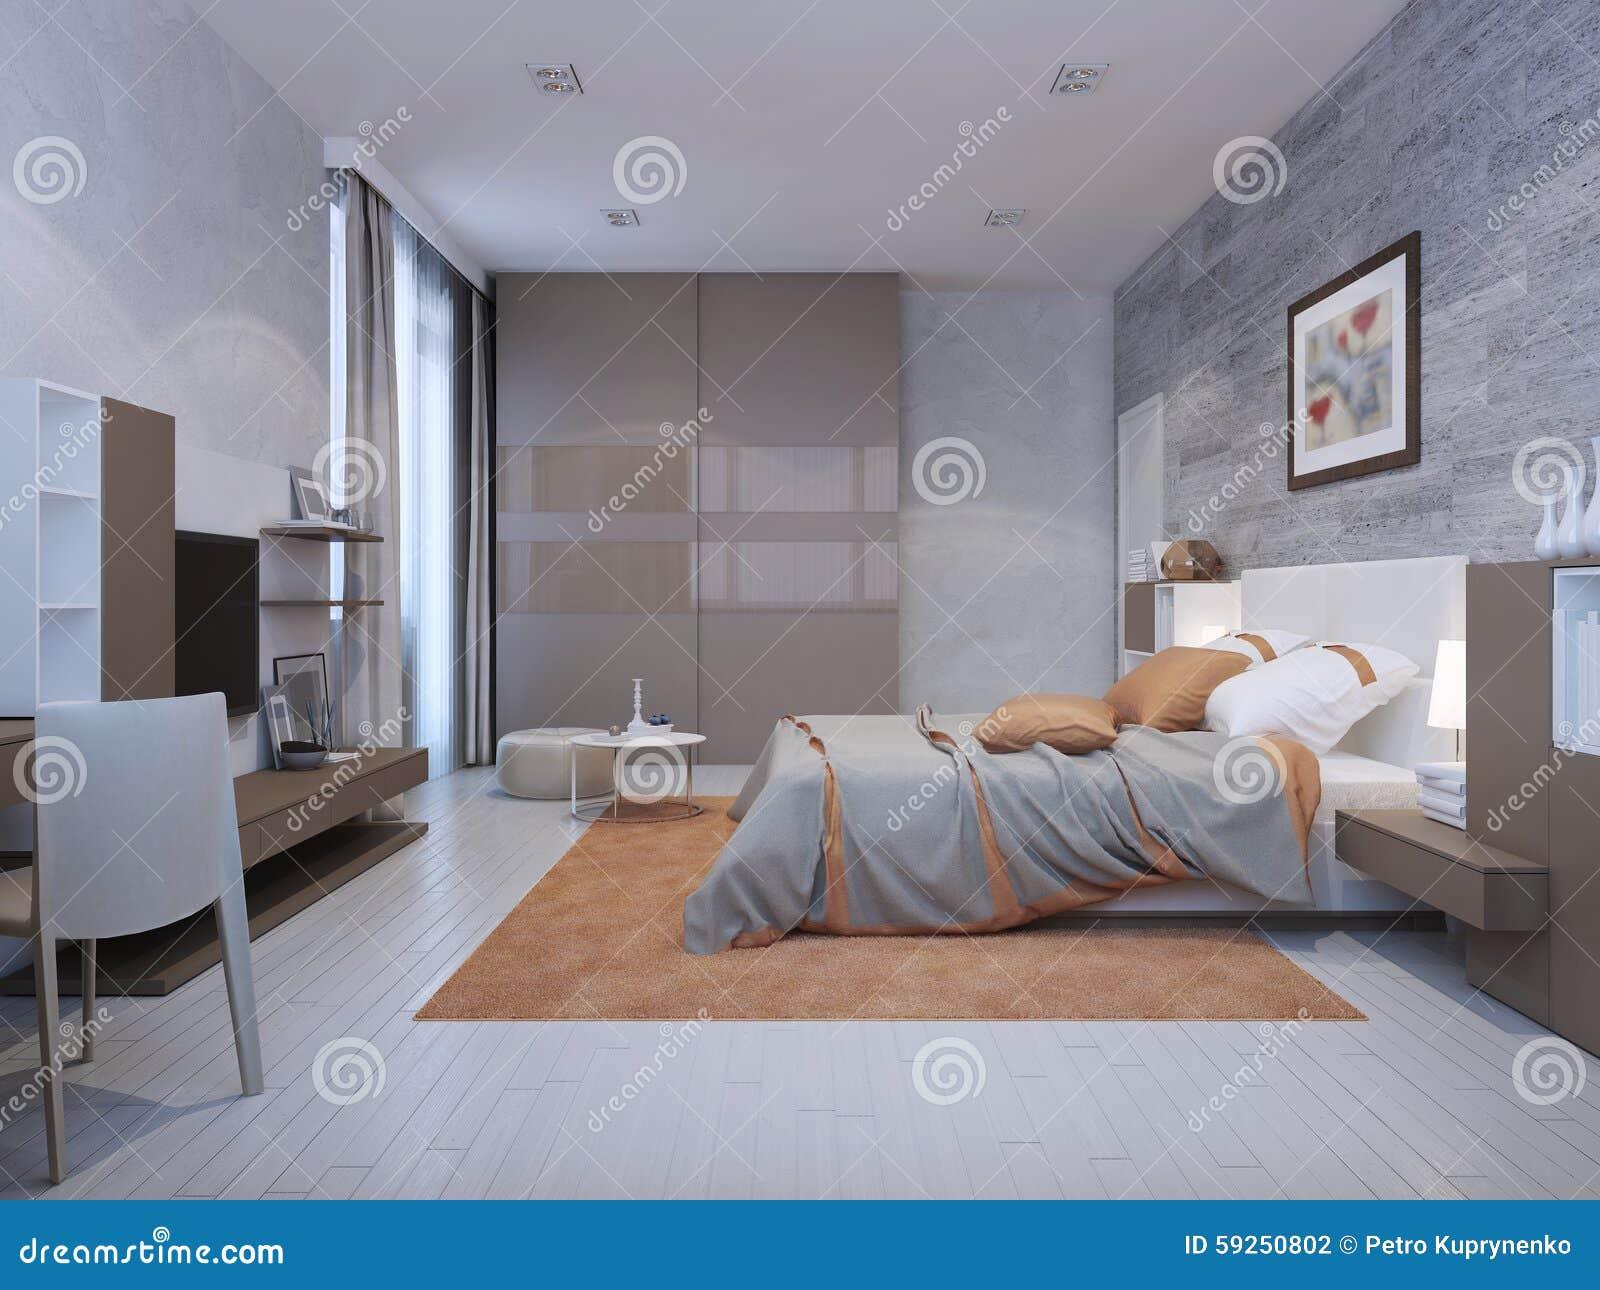 De stijl van het slaapkamerart deco stock illustratie